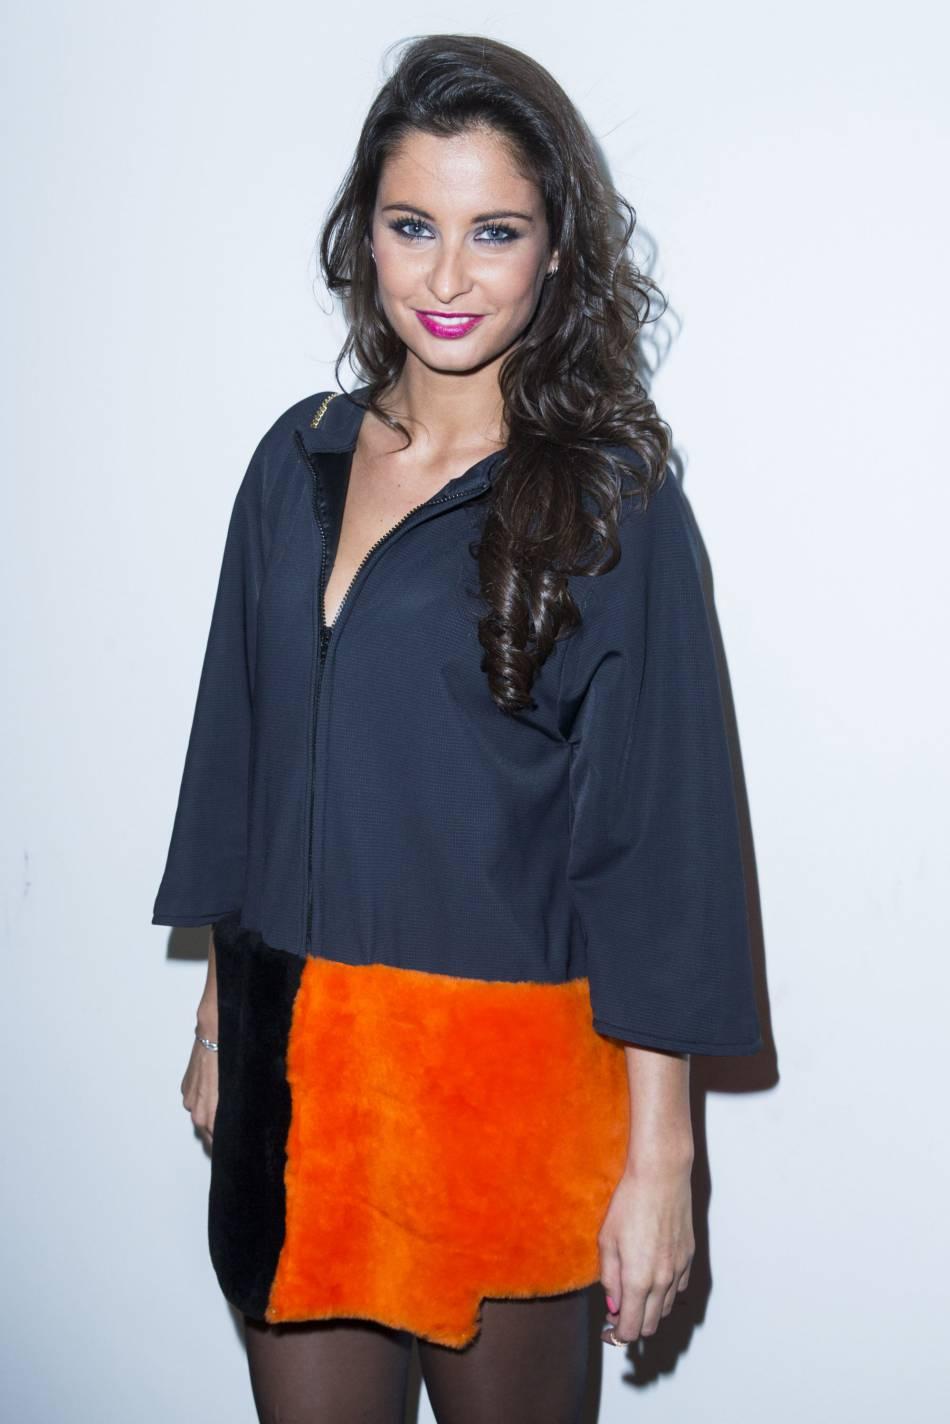 Malika Ménard aime mixer les couleurs flashy et elle a bien raison !